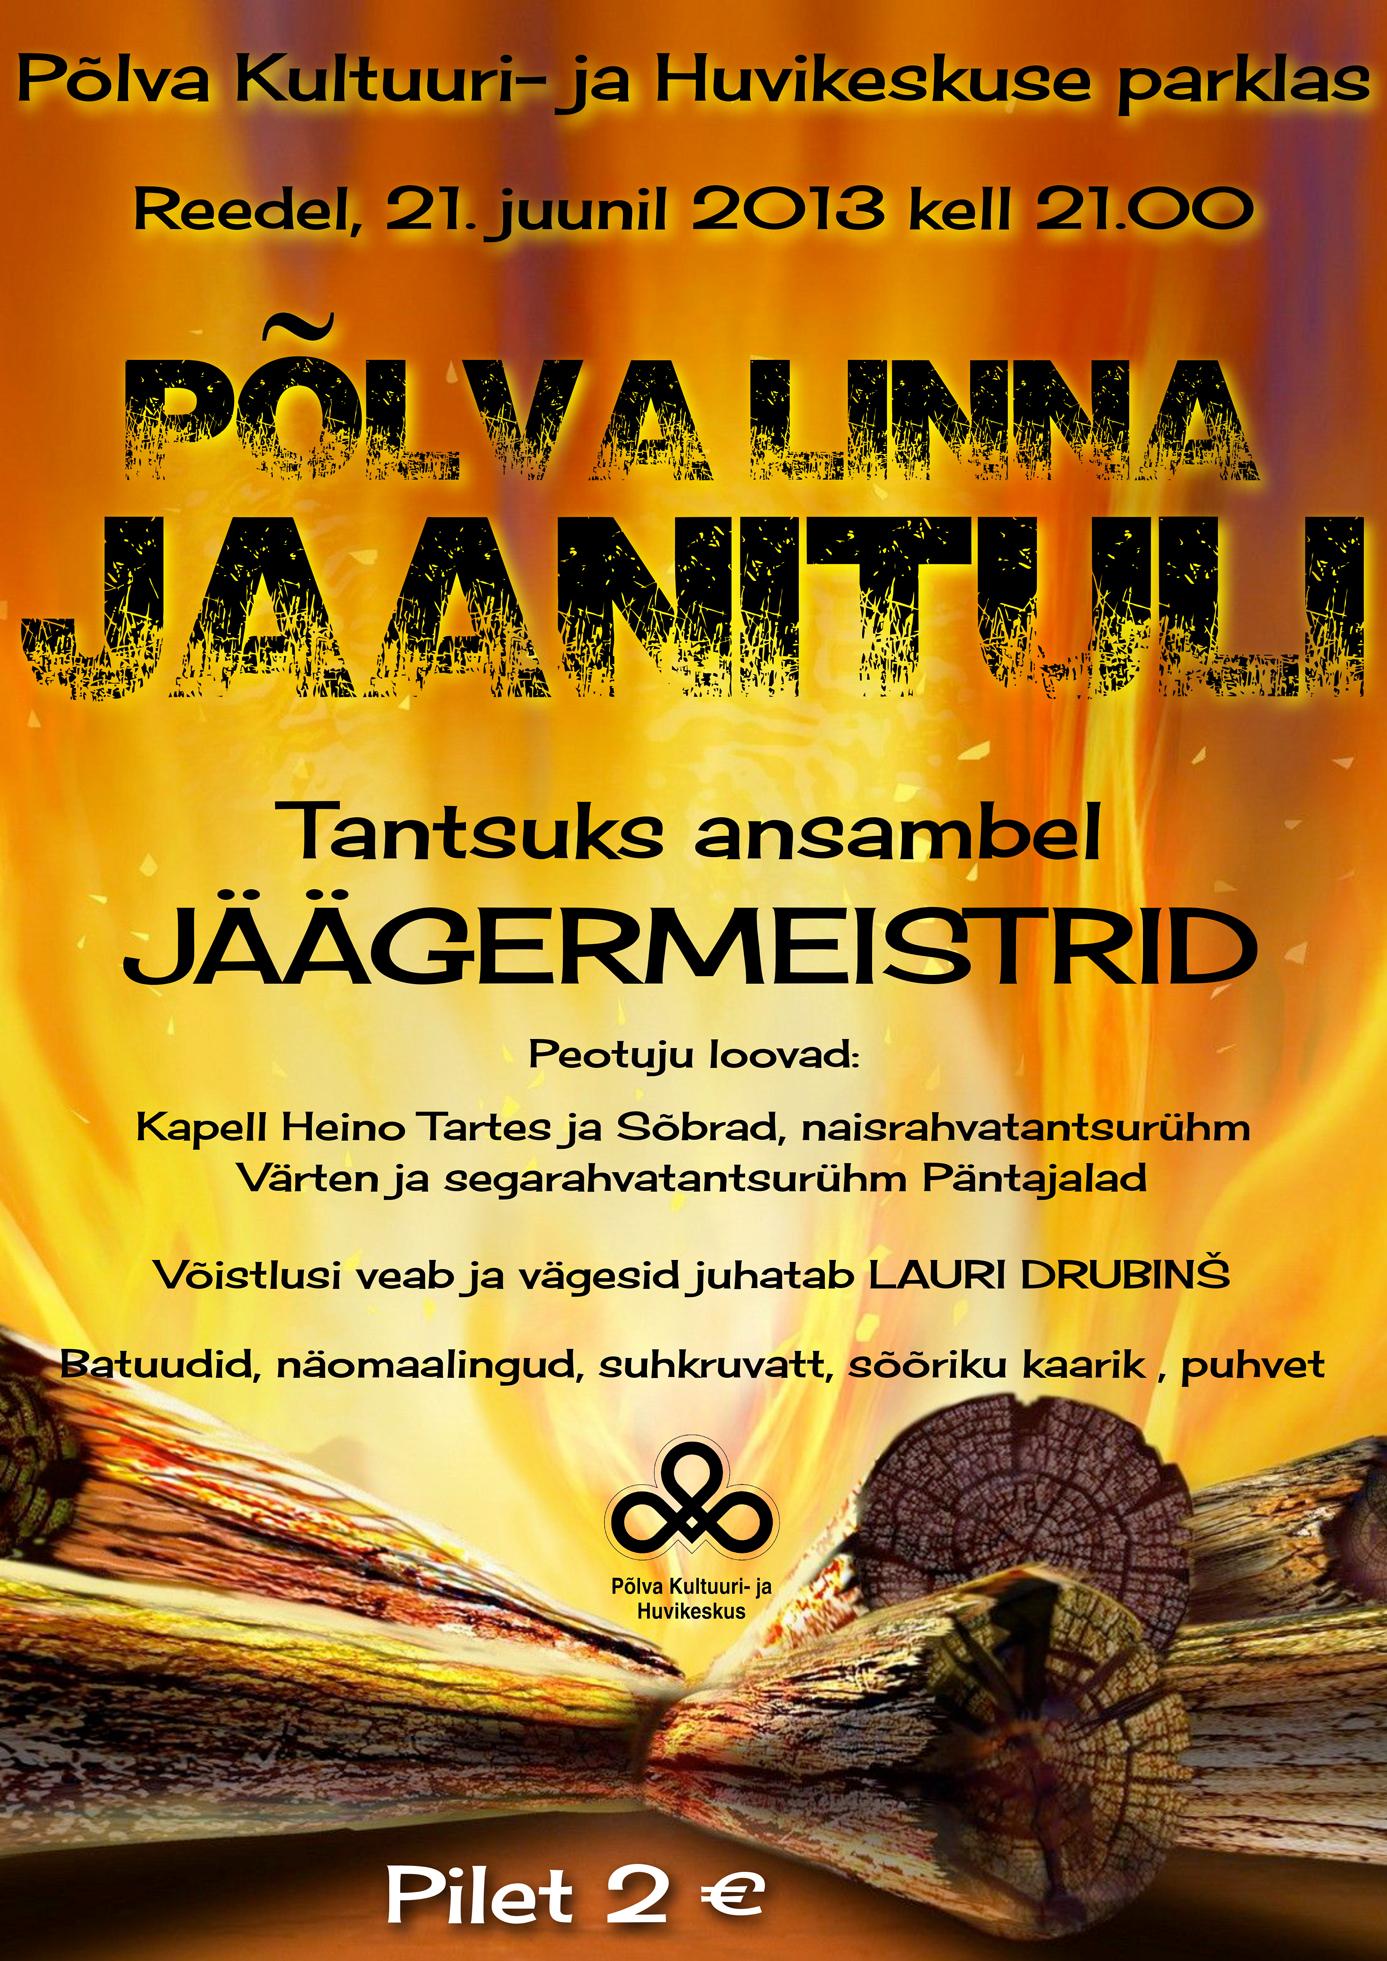 Jaanituli-2013veeb